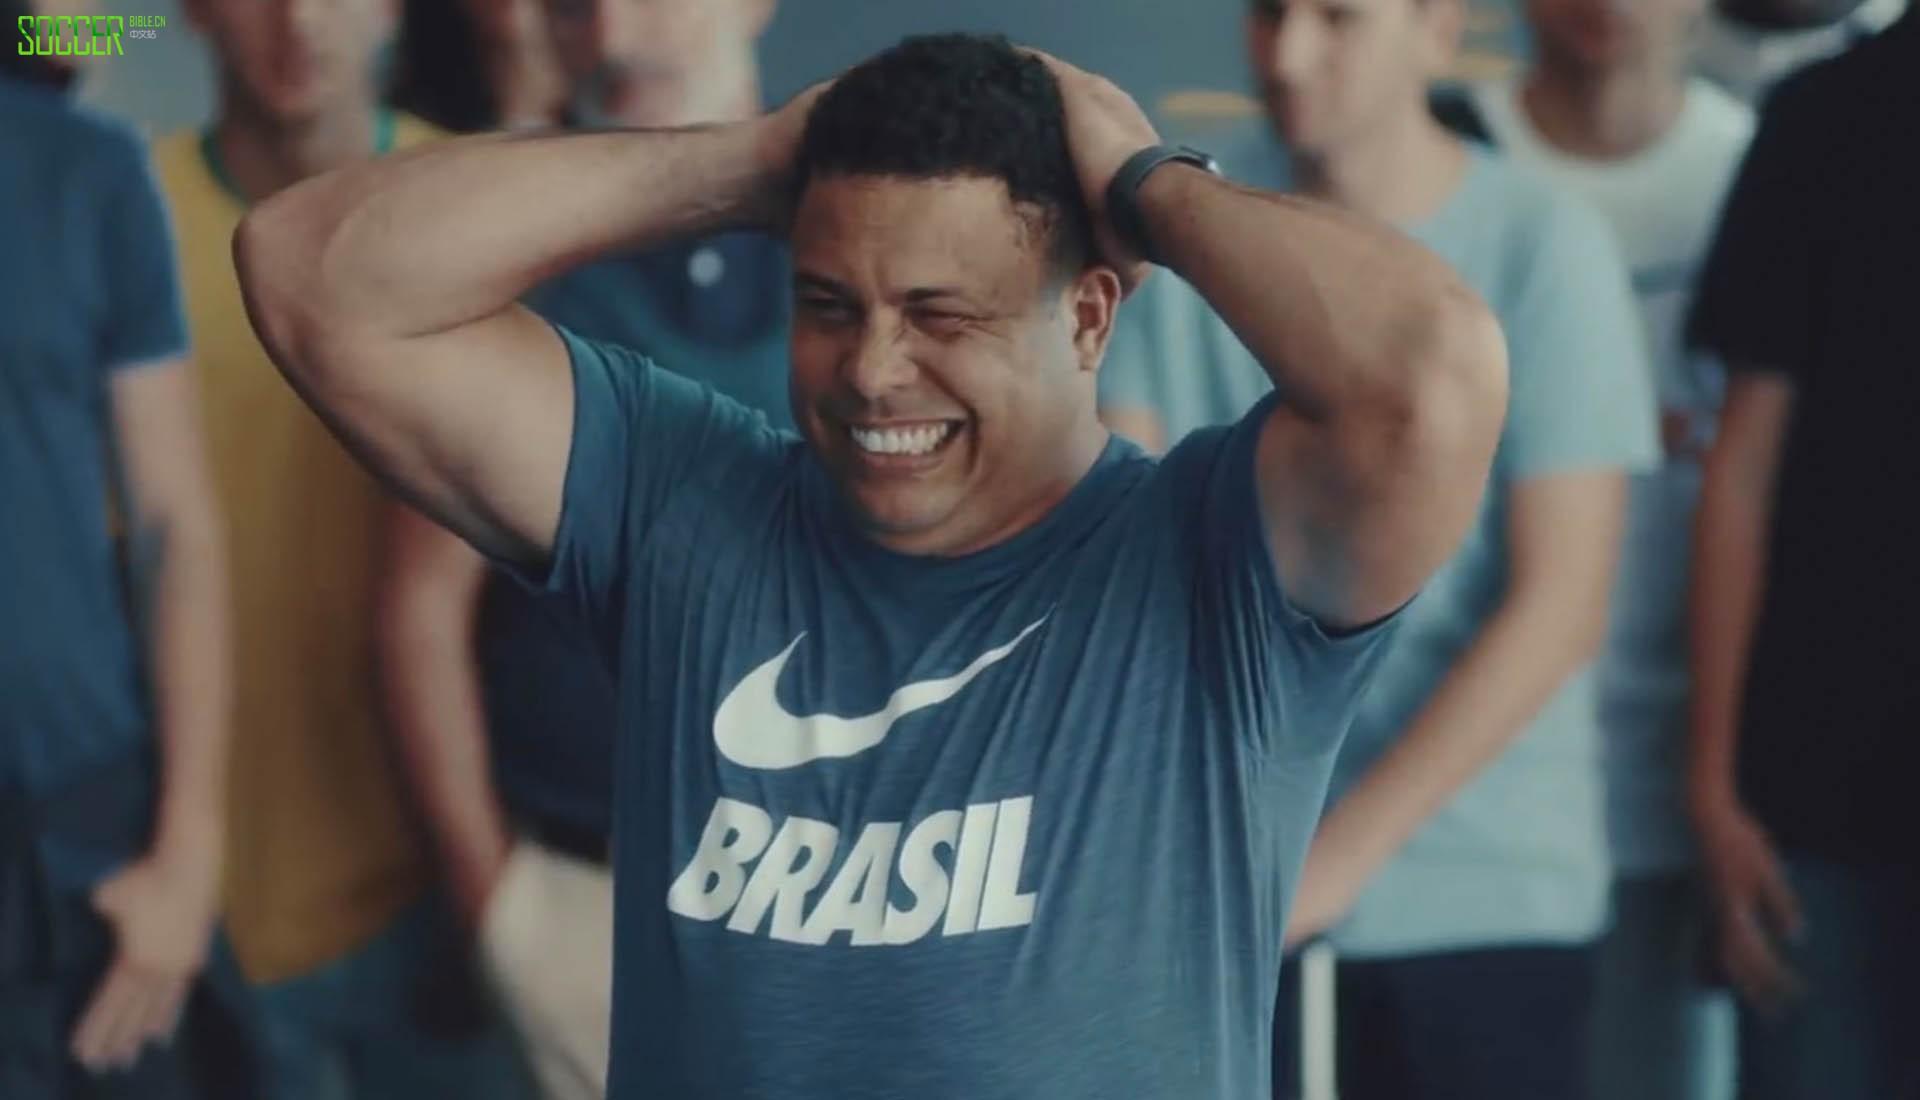 耐克发布Brasileiragem世界杯广告